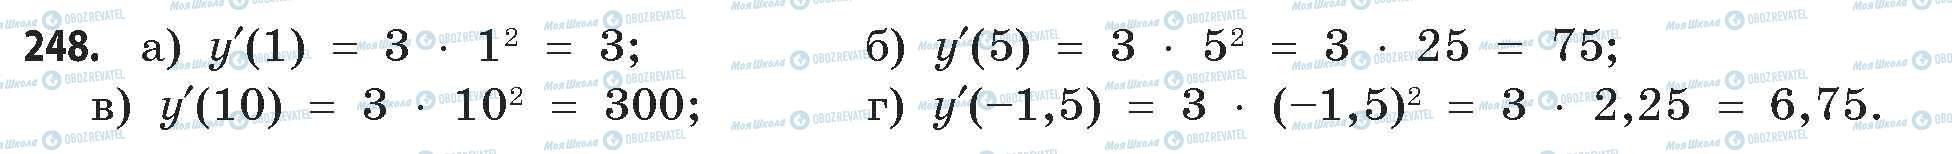 ГДЗ Математика 11 класс страница 248